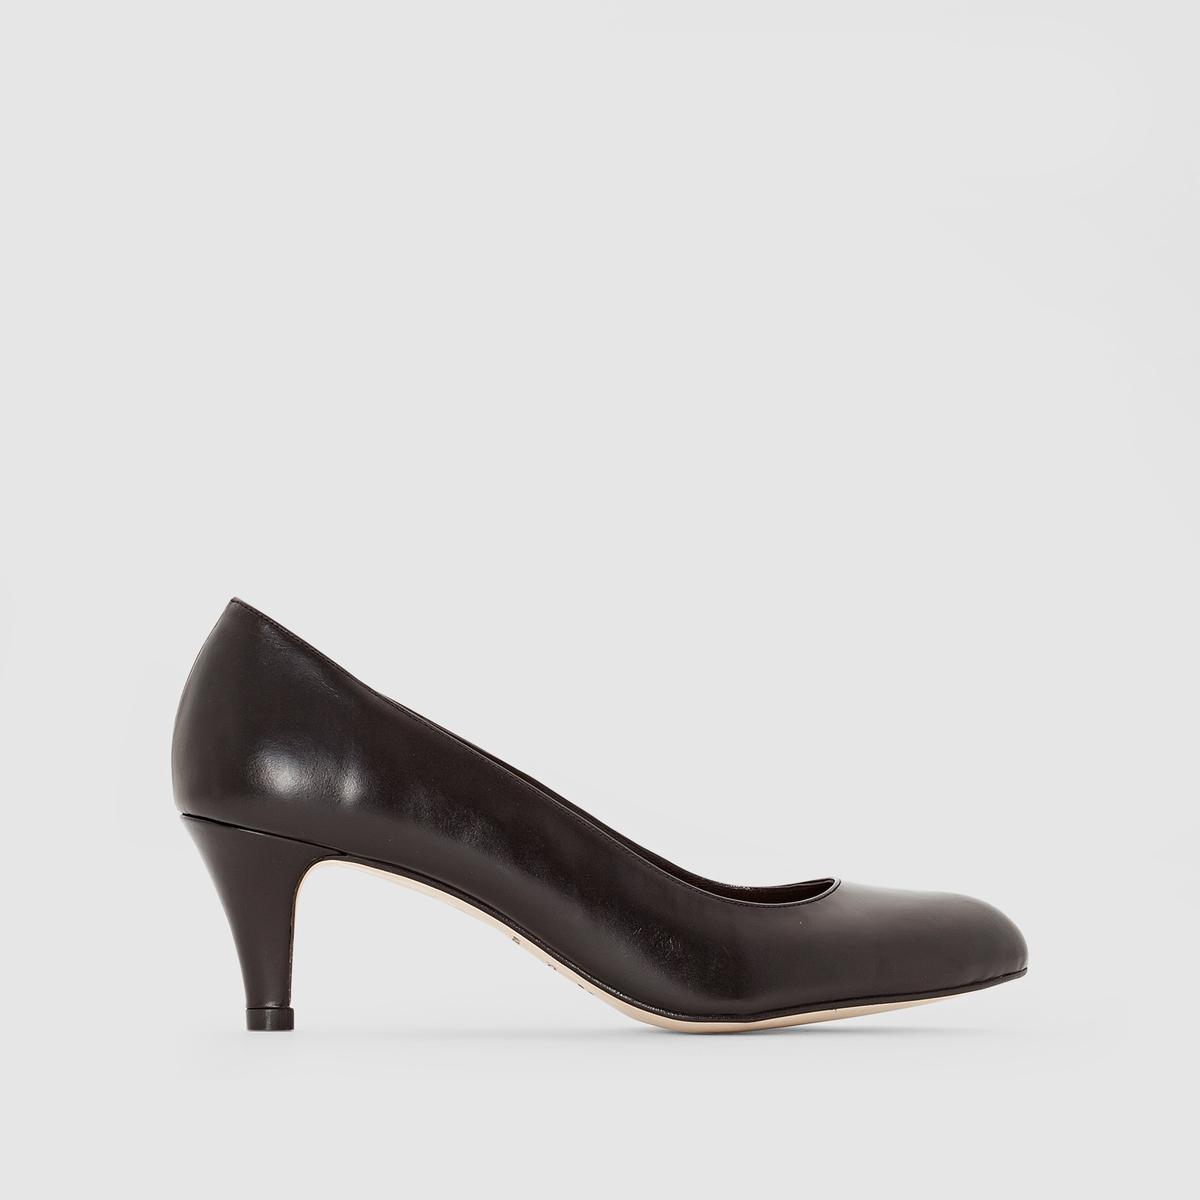 Туфли на каблуке 11211Подкладка : Кожа   Подошва: эластомер   Высота каблука: 5 смФорма каблука : Тонкий каблук   Носок : ЗакругленныйЗастежка: без застежки<br><br>Цвет: черный